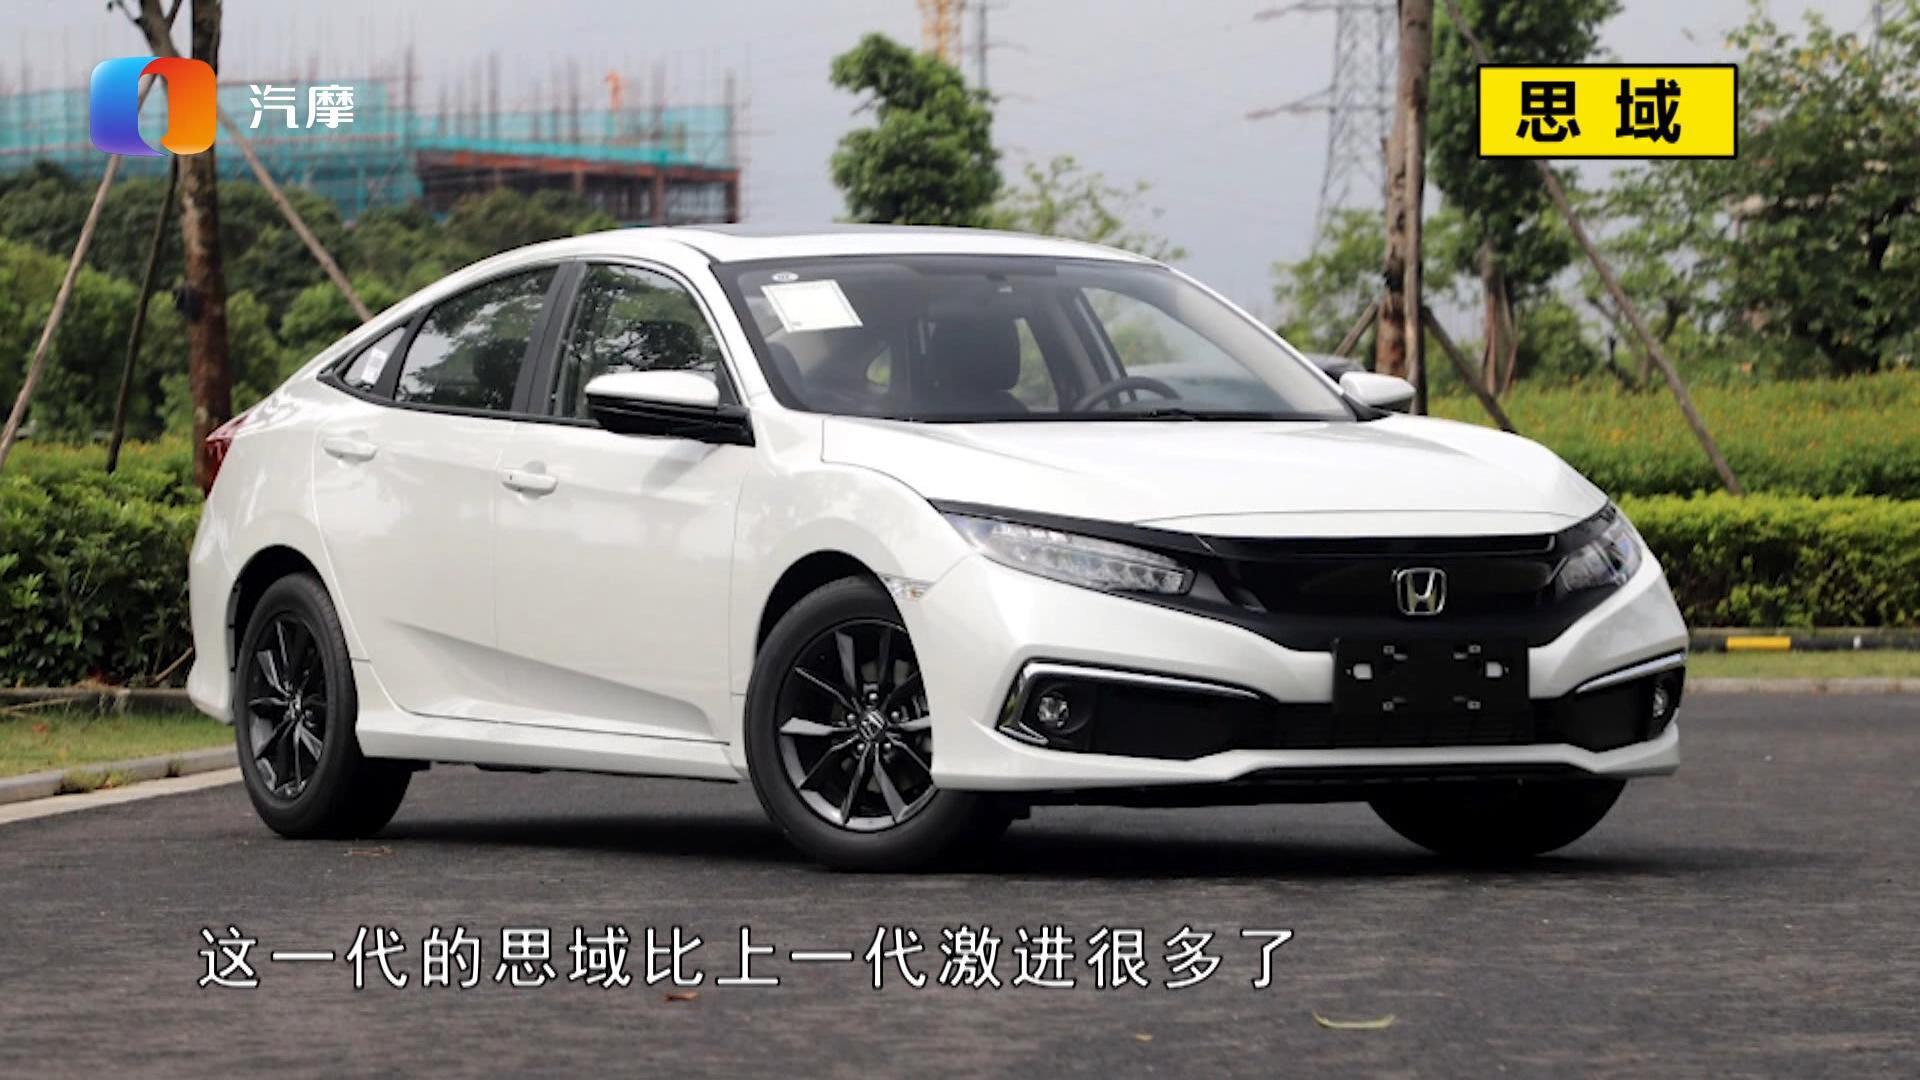 视频:第二辆家用车 买本田思域怎么样?